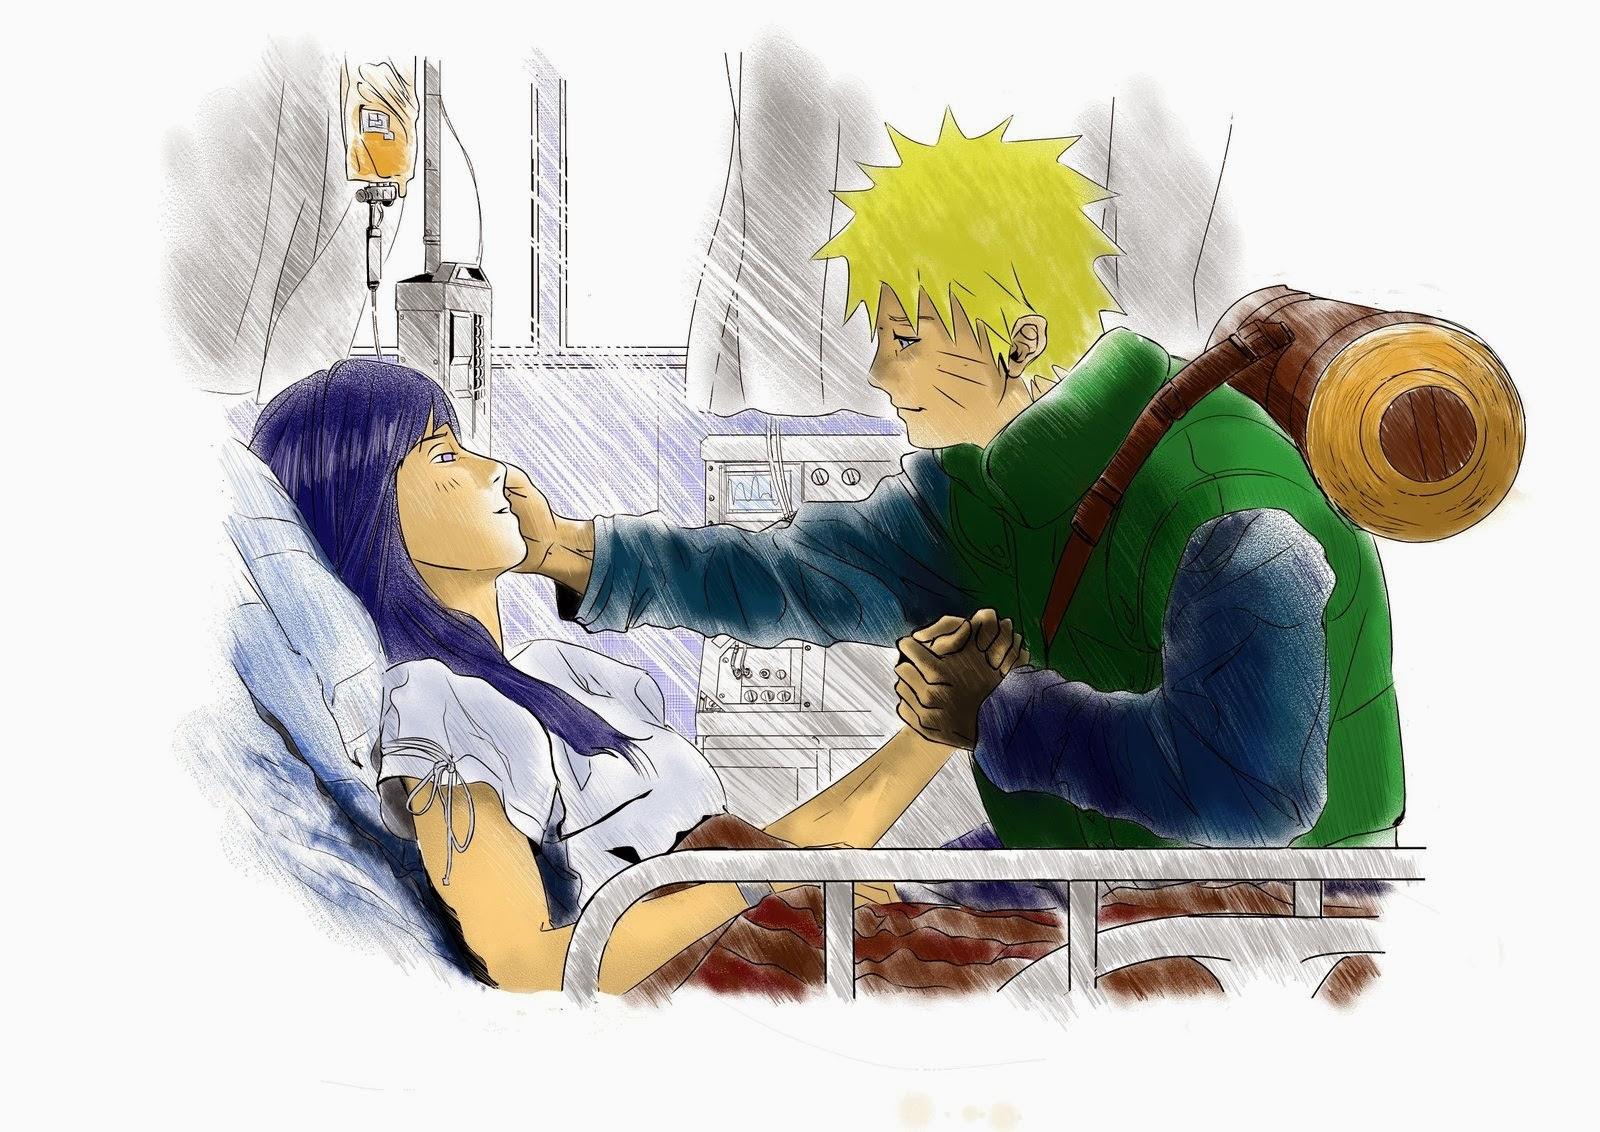 Gambar Kata Kata Lucu Kartun Naruto Top Animasi